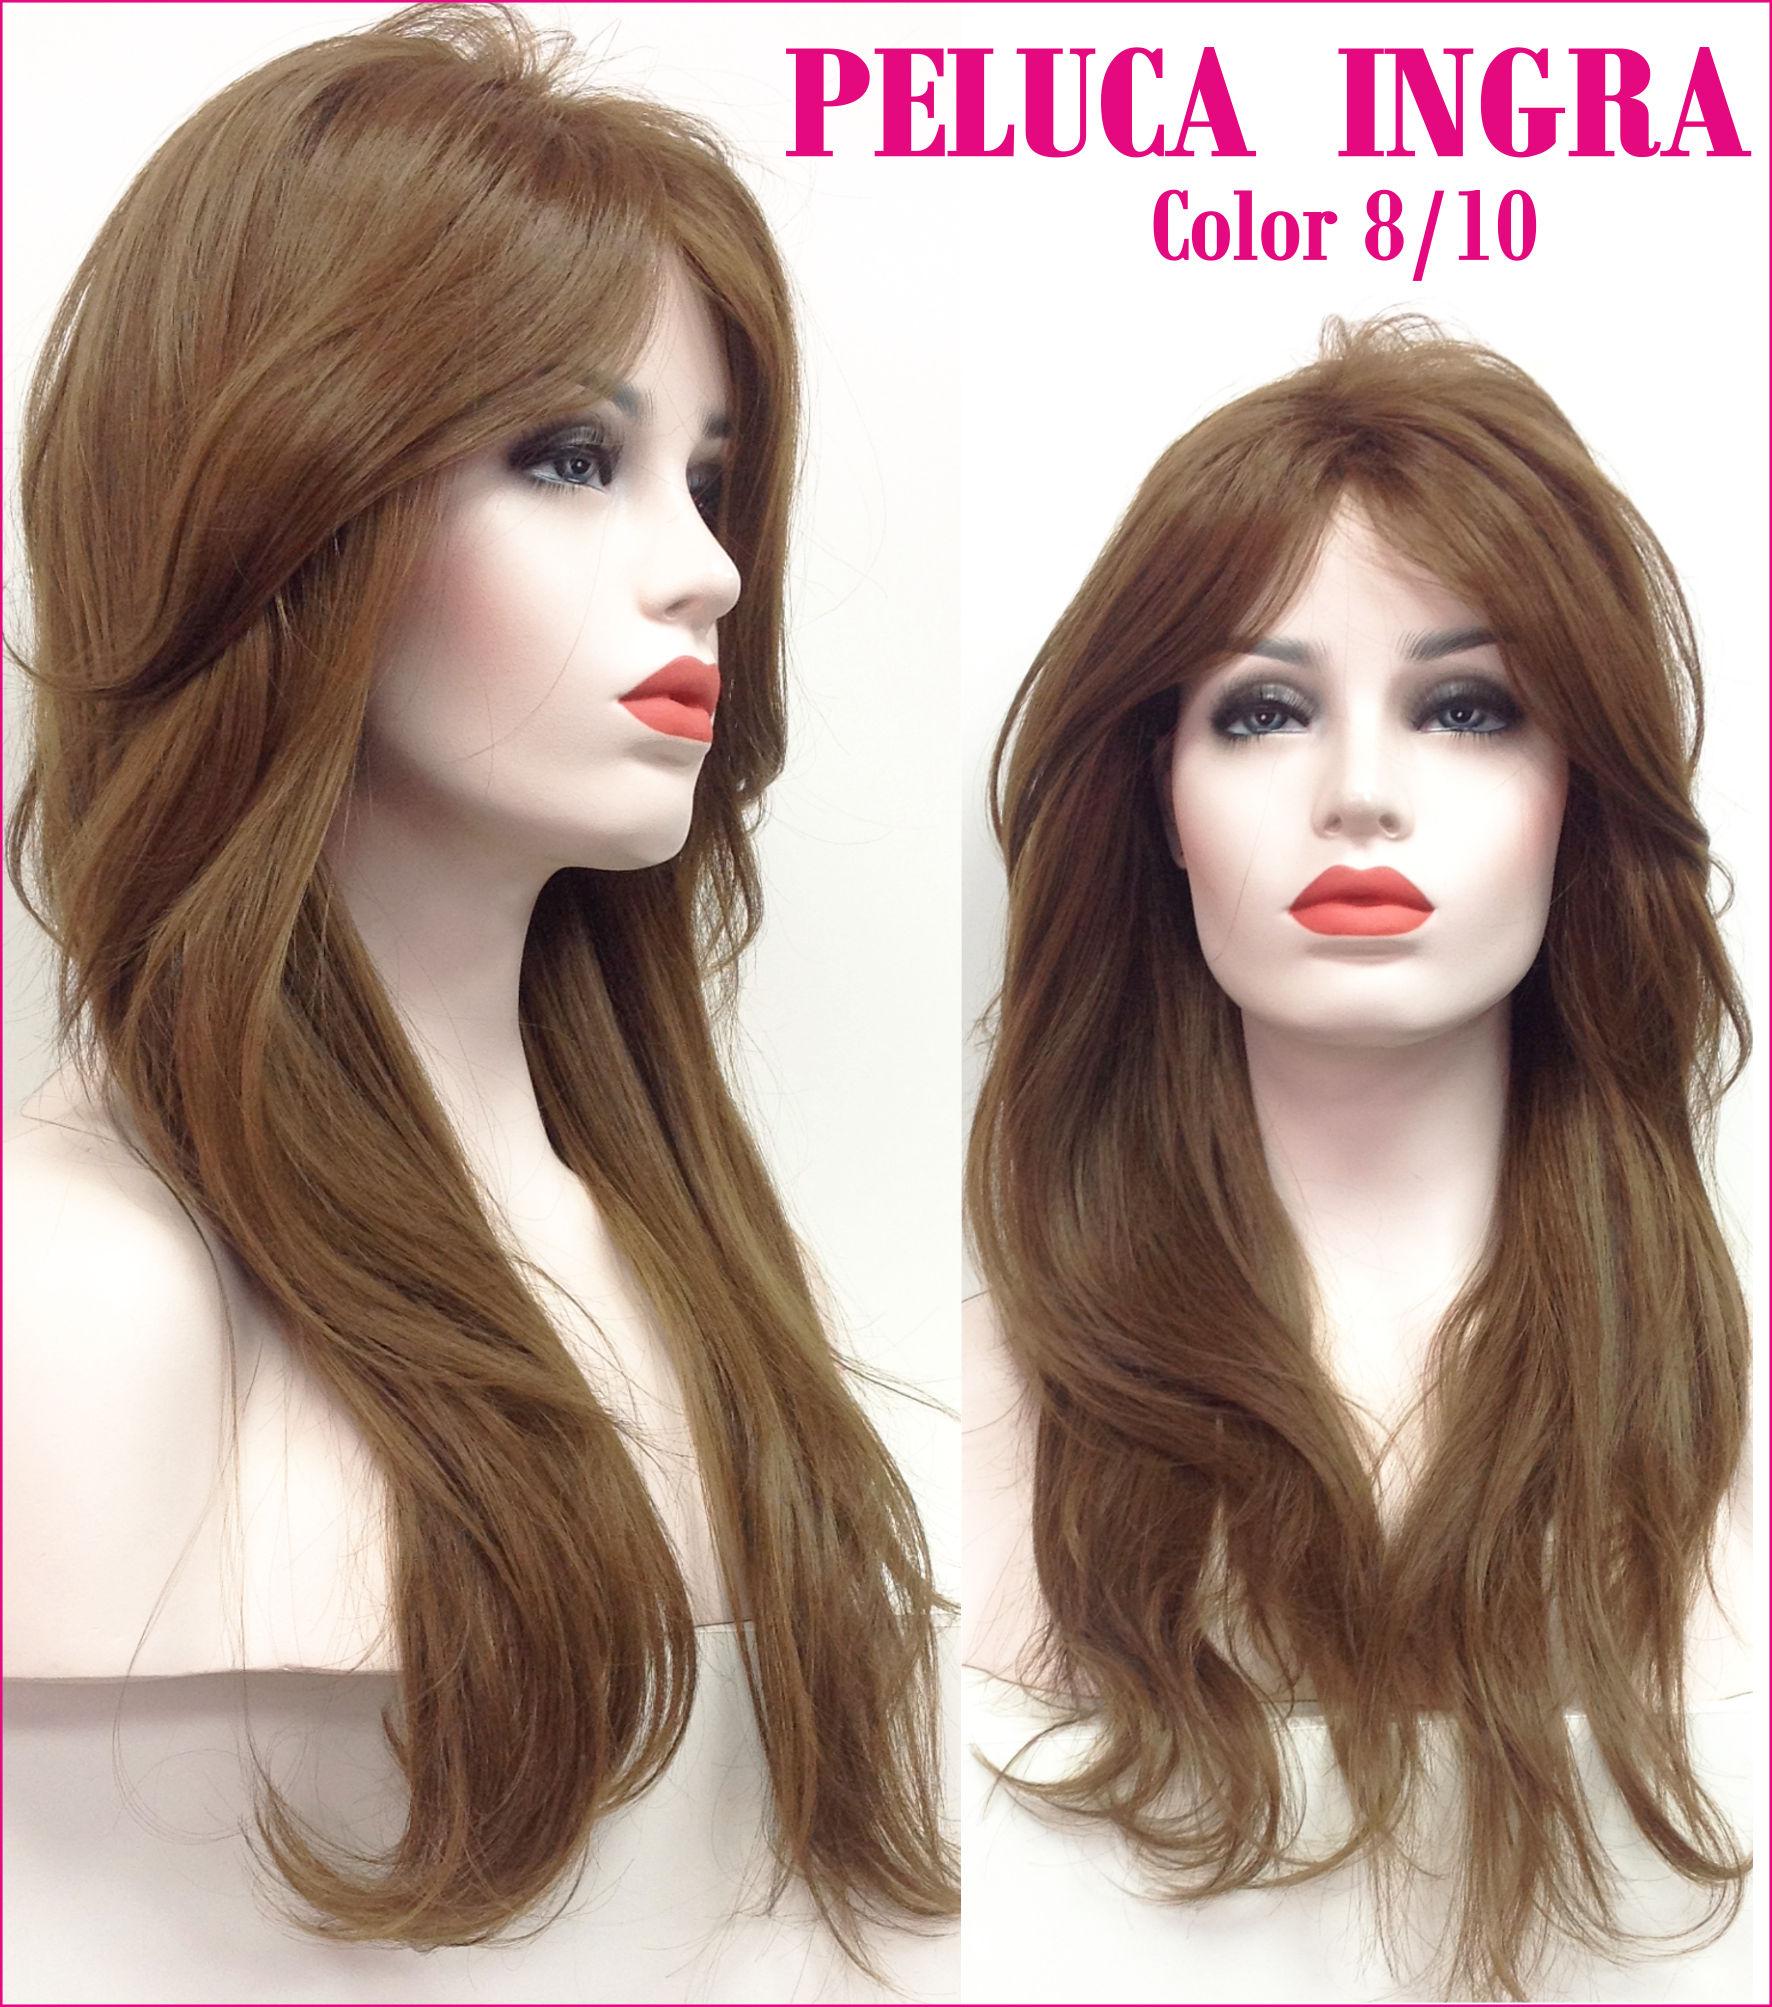 peluca indetectable natural de colageno. Modelo Ingra es una peluca muy elegante , es voluminosa ya que tiene crepé interior.